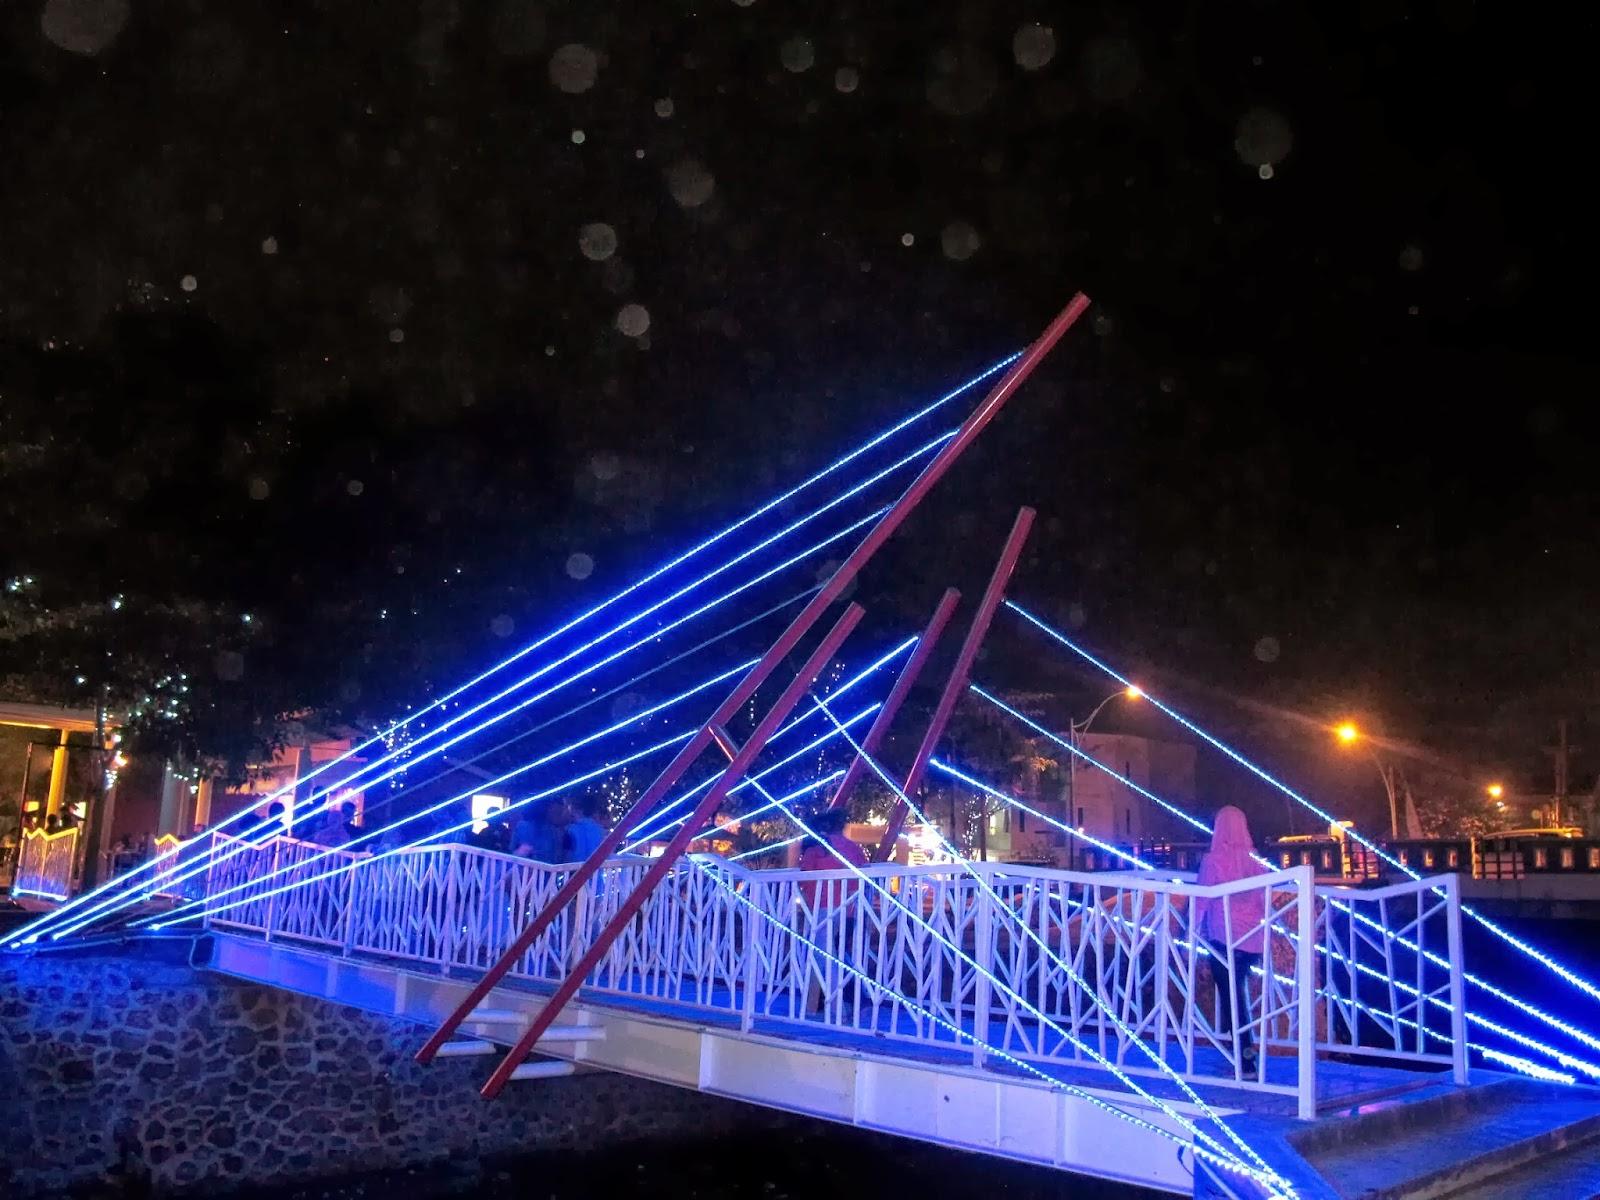 Pazkul Tempat Nongkrong Asyik Sidoarjo Haya Zone Jembatan Biru Kahuripan